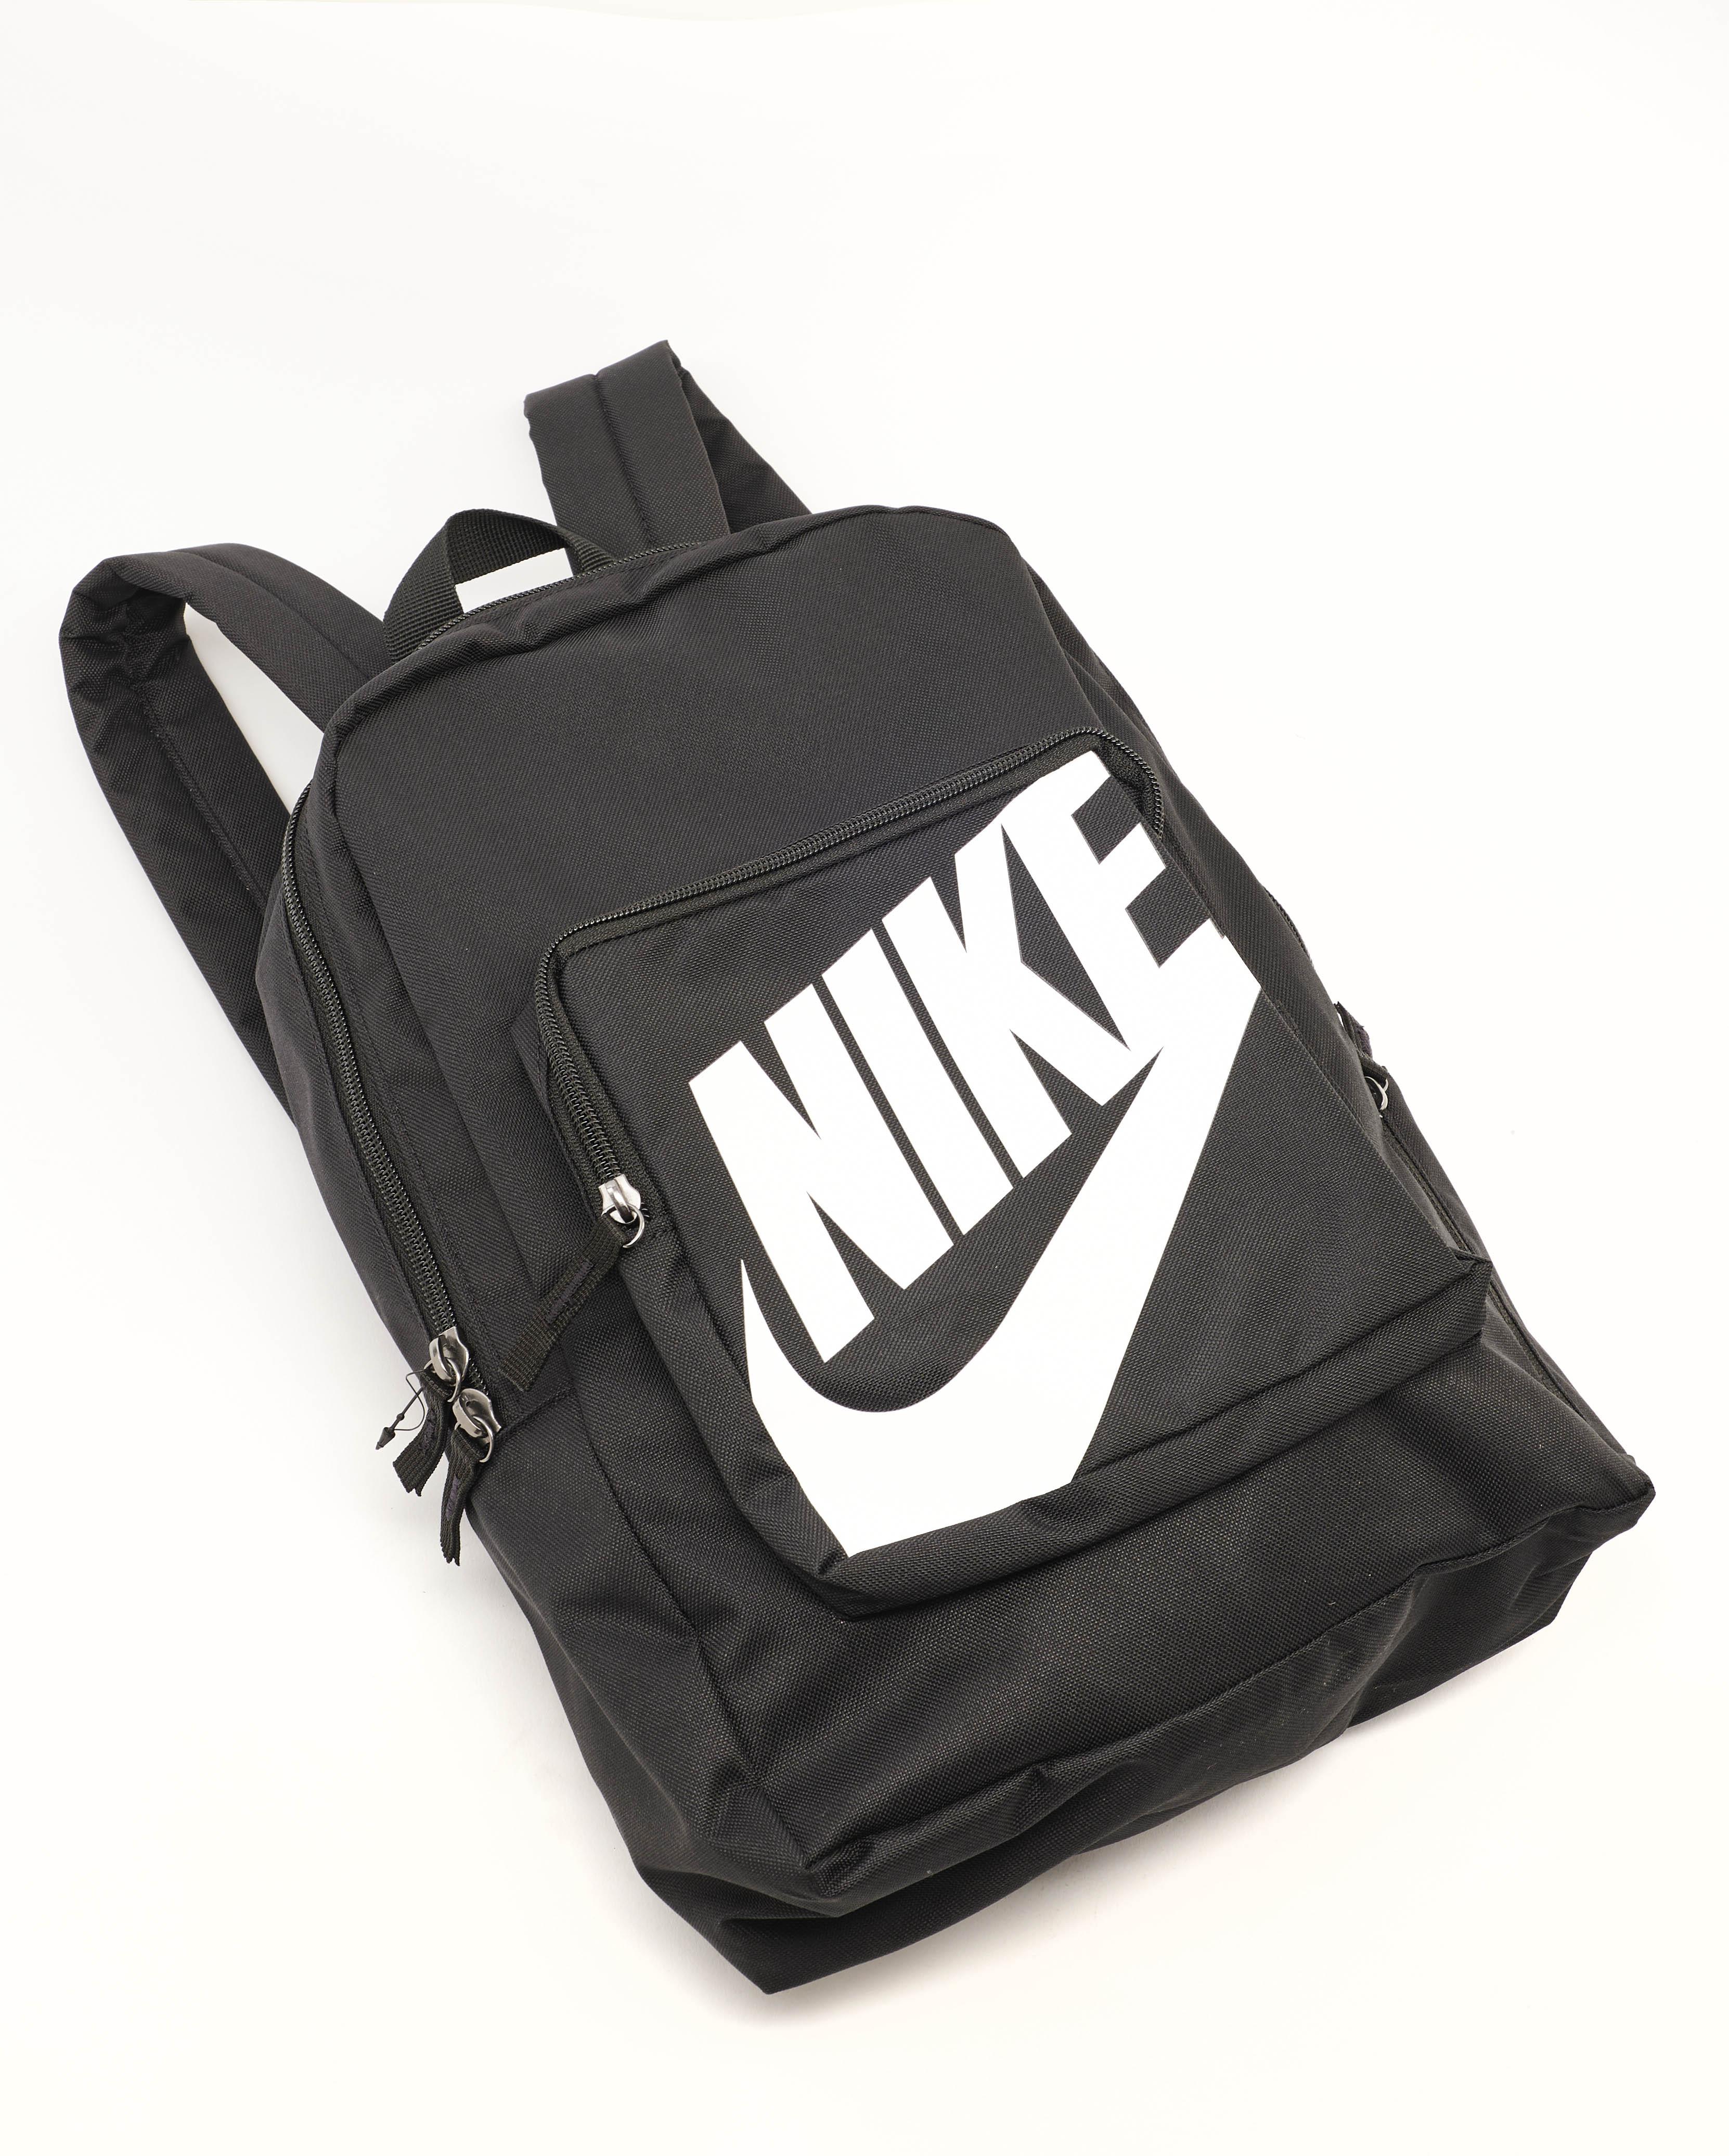 Sacs Garçon - Sac A Dos Noir Nike - Ba5928 Backpack Nike Classic